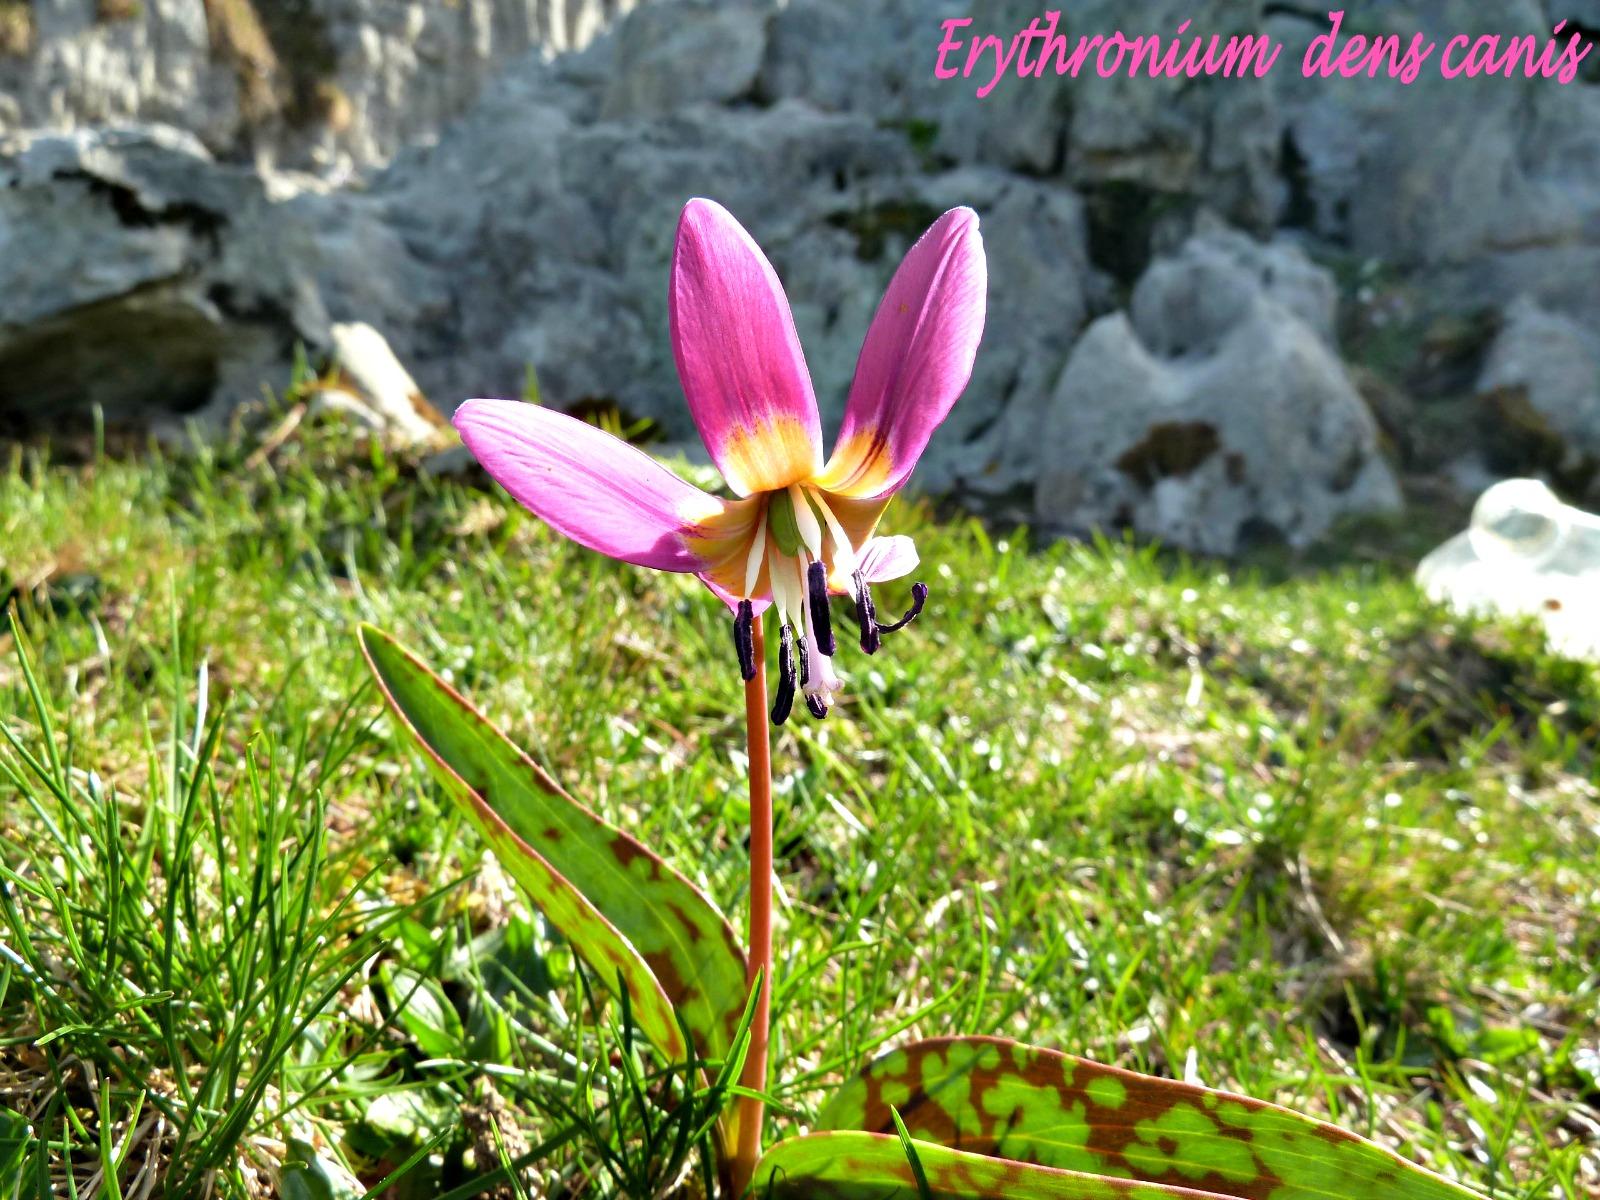 Sentier botanique  Erythronium © Martine Boyé